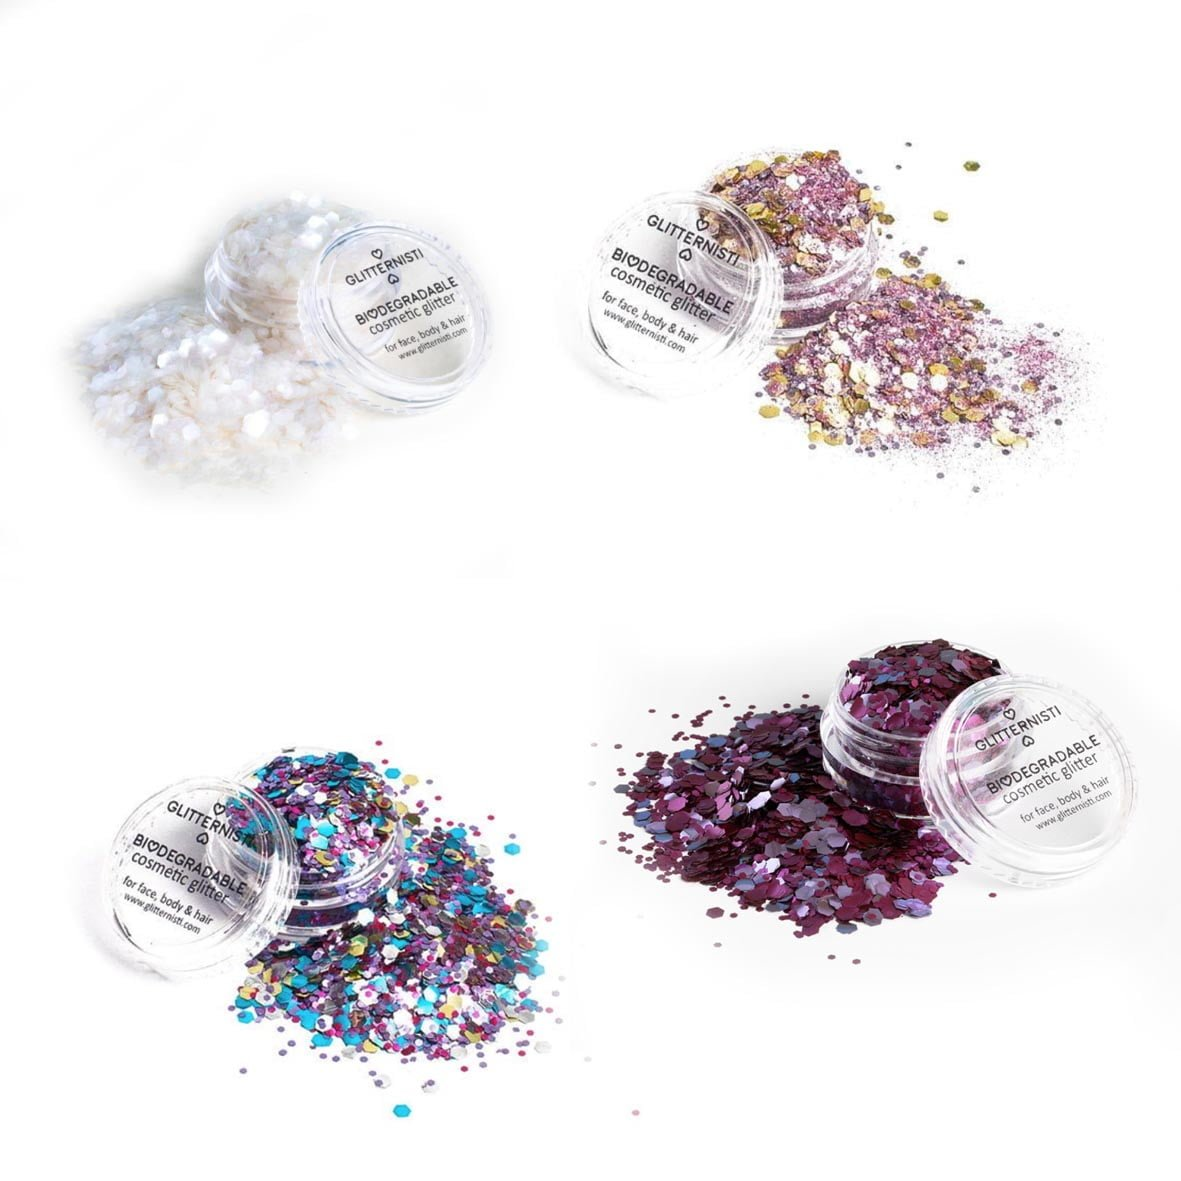 Eco Plum glittersetti sisältää neljä biohajoavaa glitteriä.